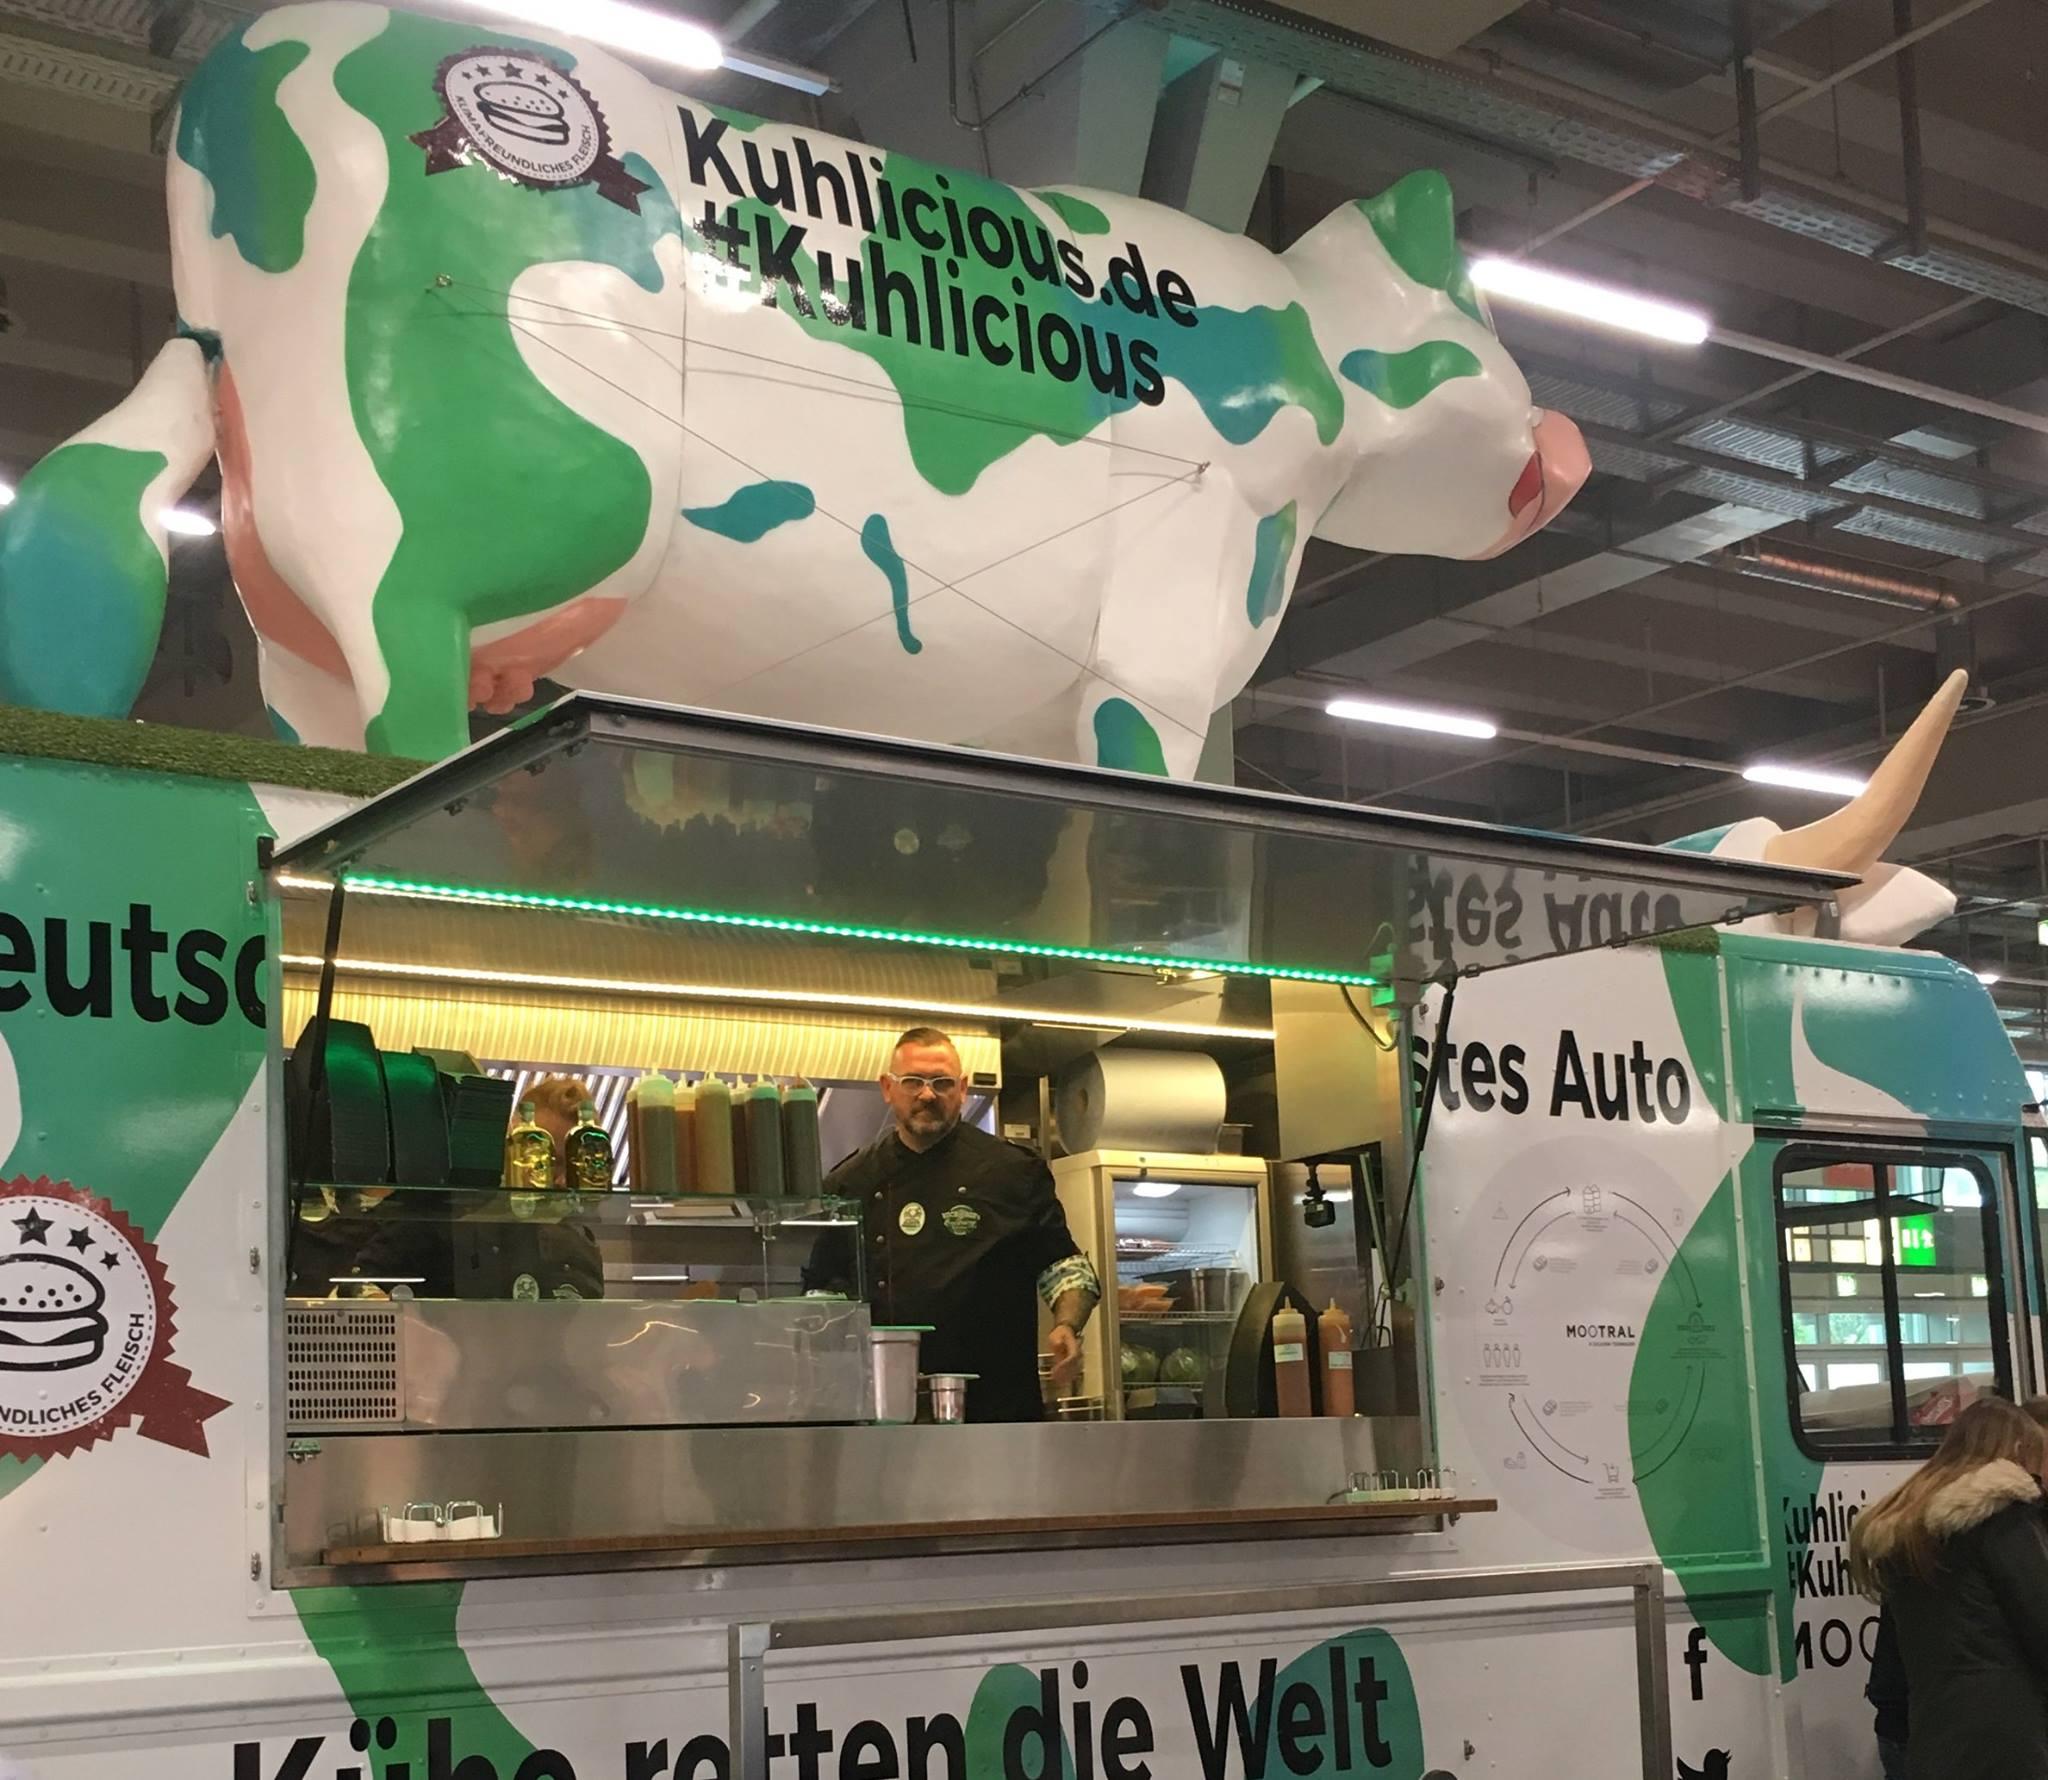 Kuhlicious Foodtruck